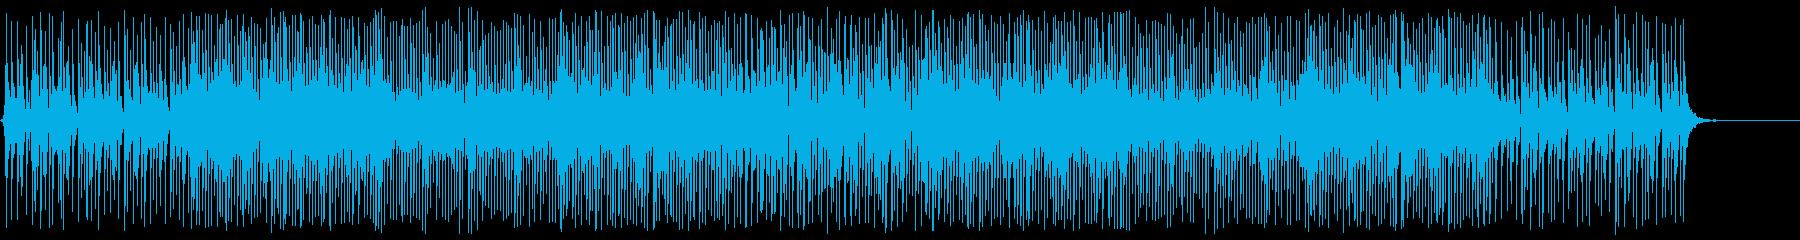 三味線のアップテンポでクールなシーン向けの再生済みの波形